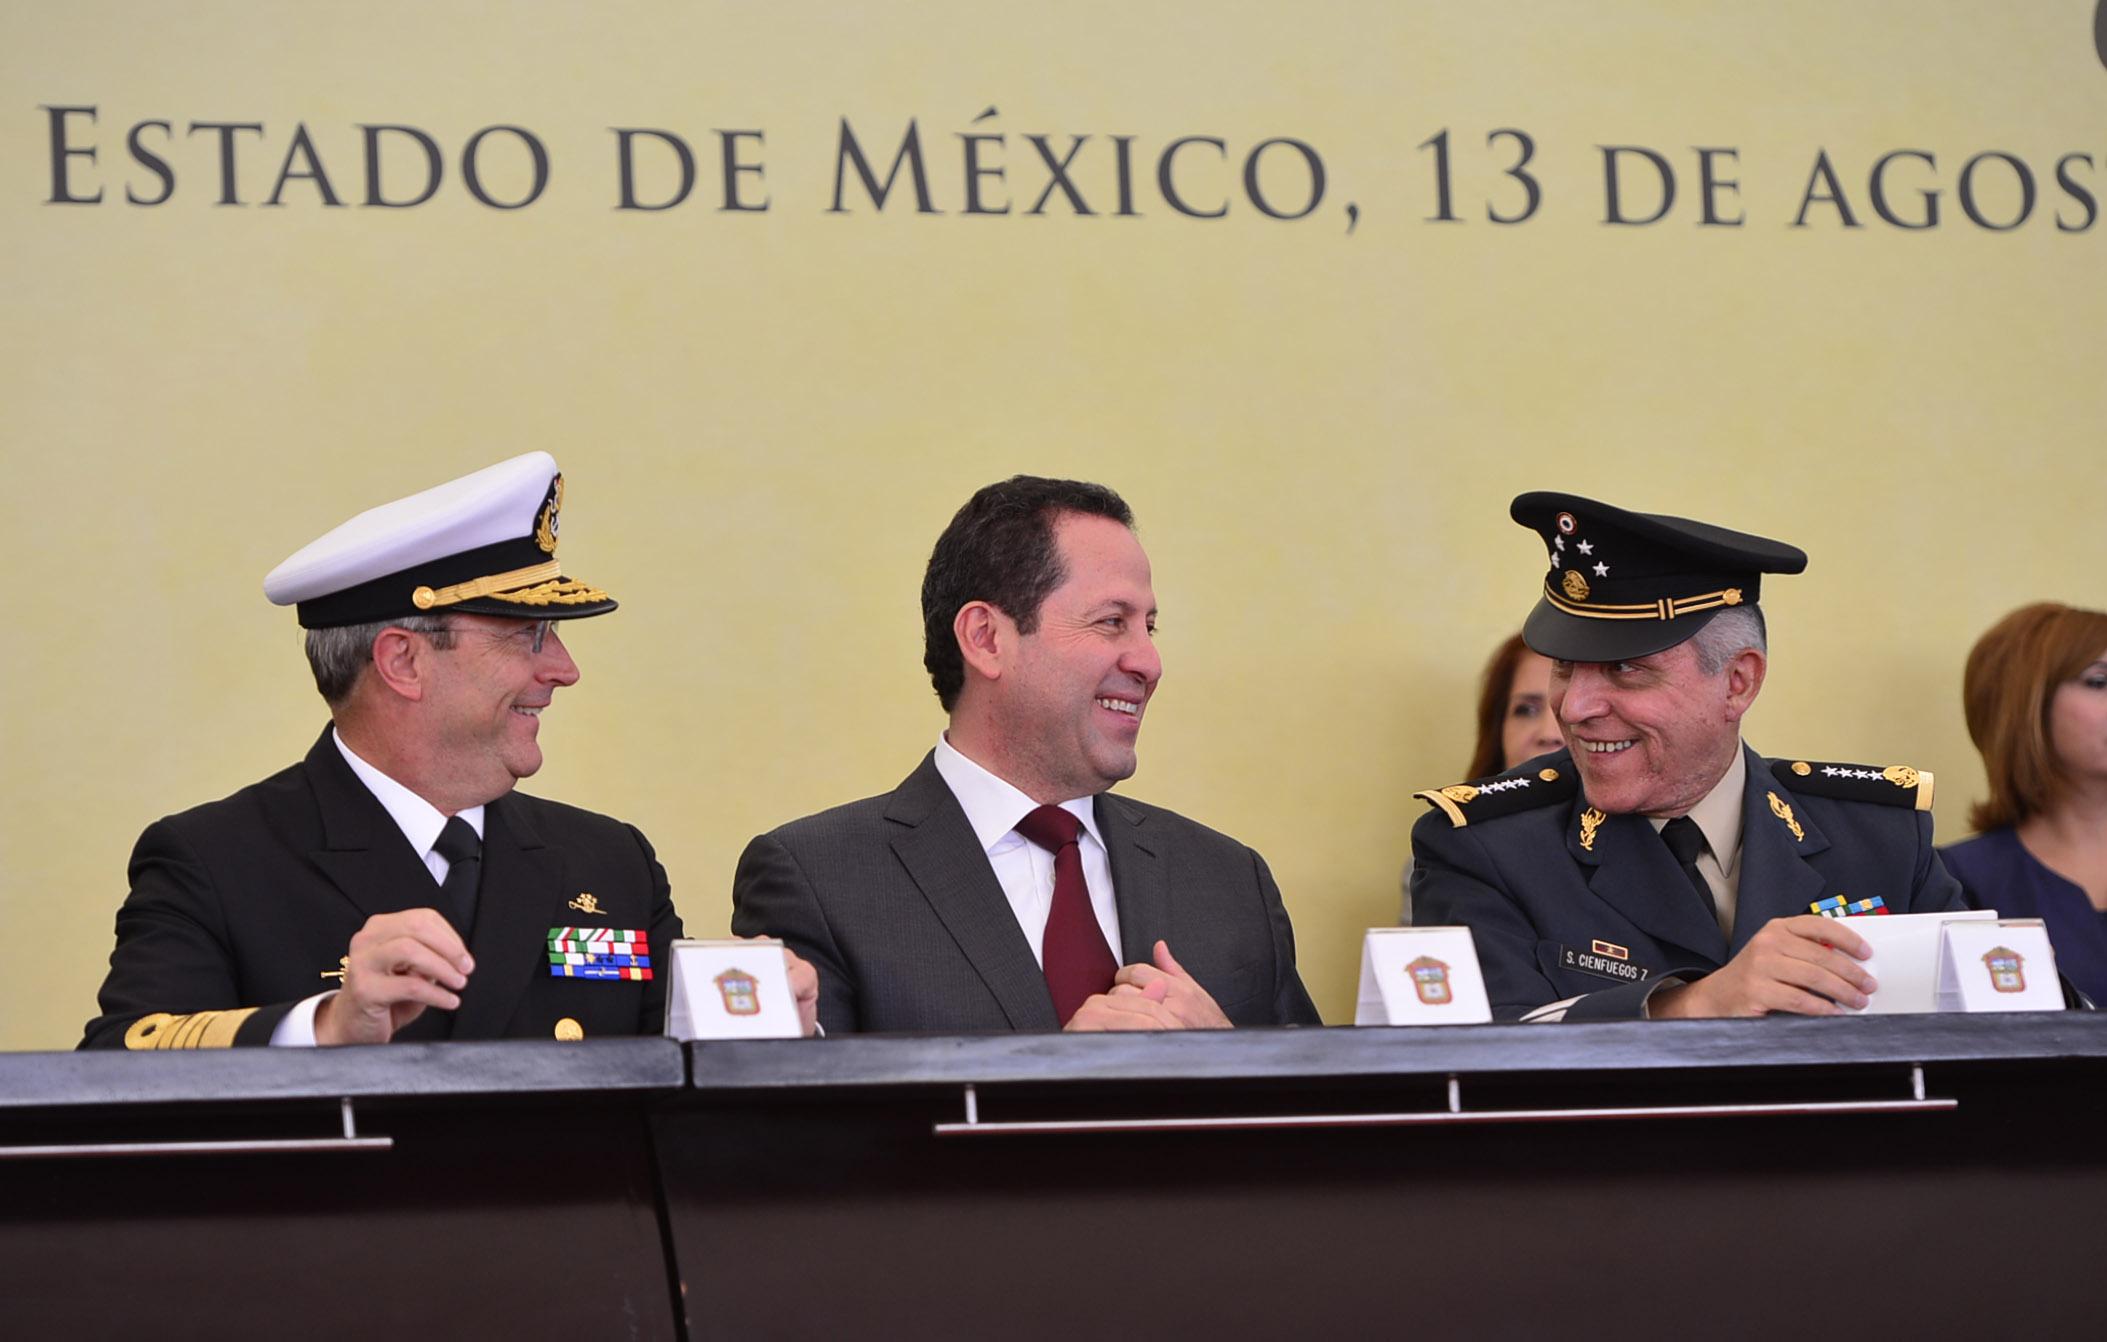 Eruviel Ávila y Vidal Soberón. Coordinación.